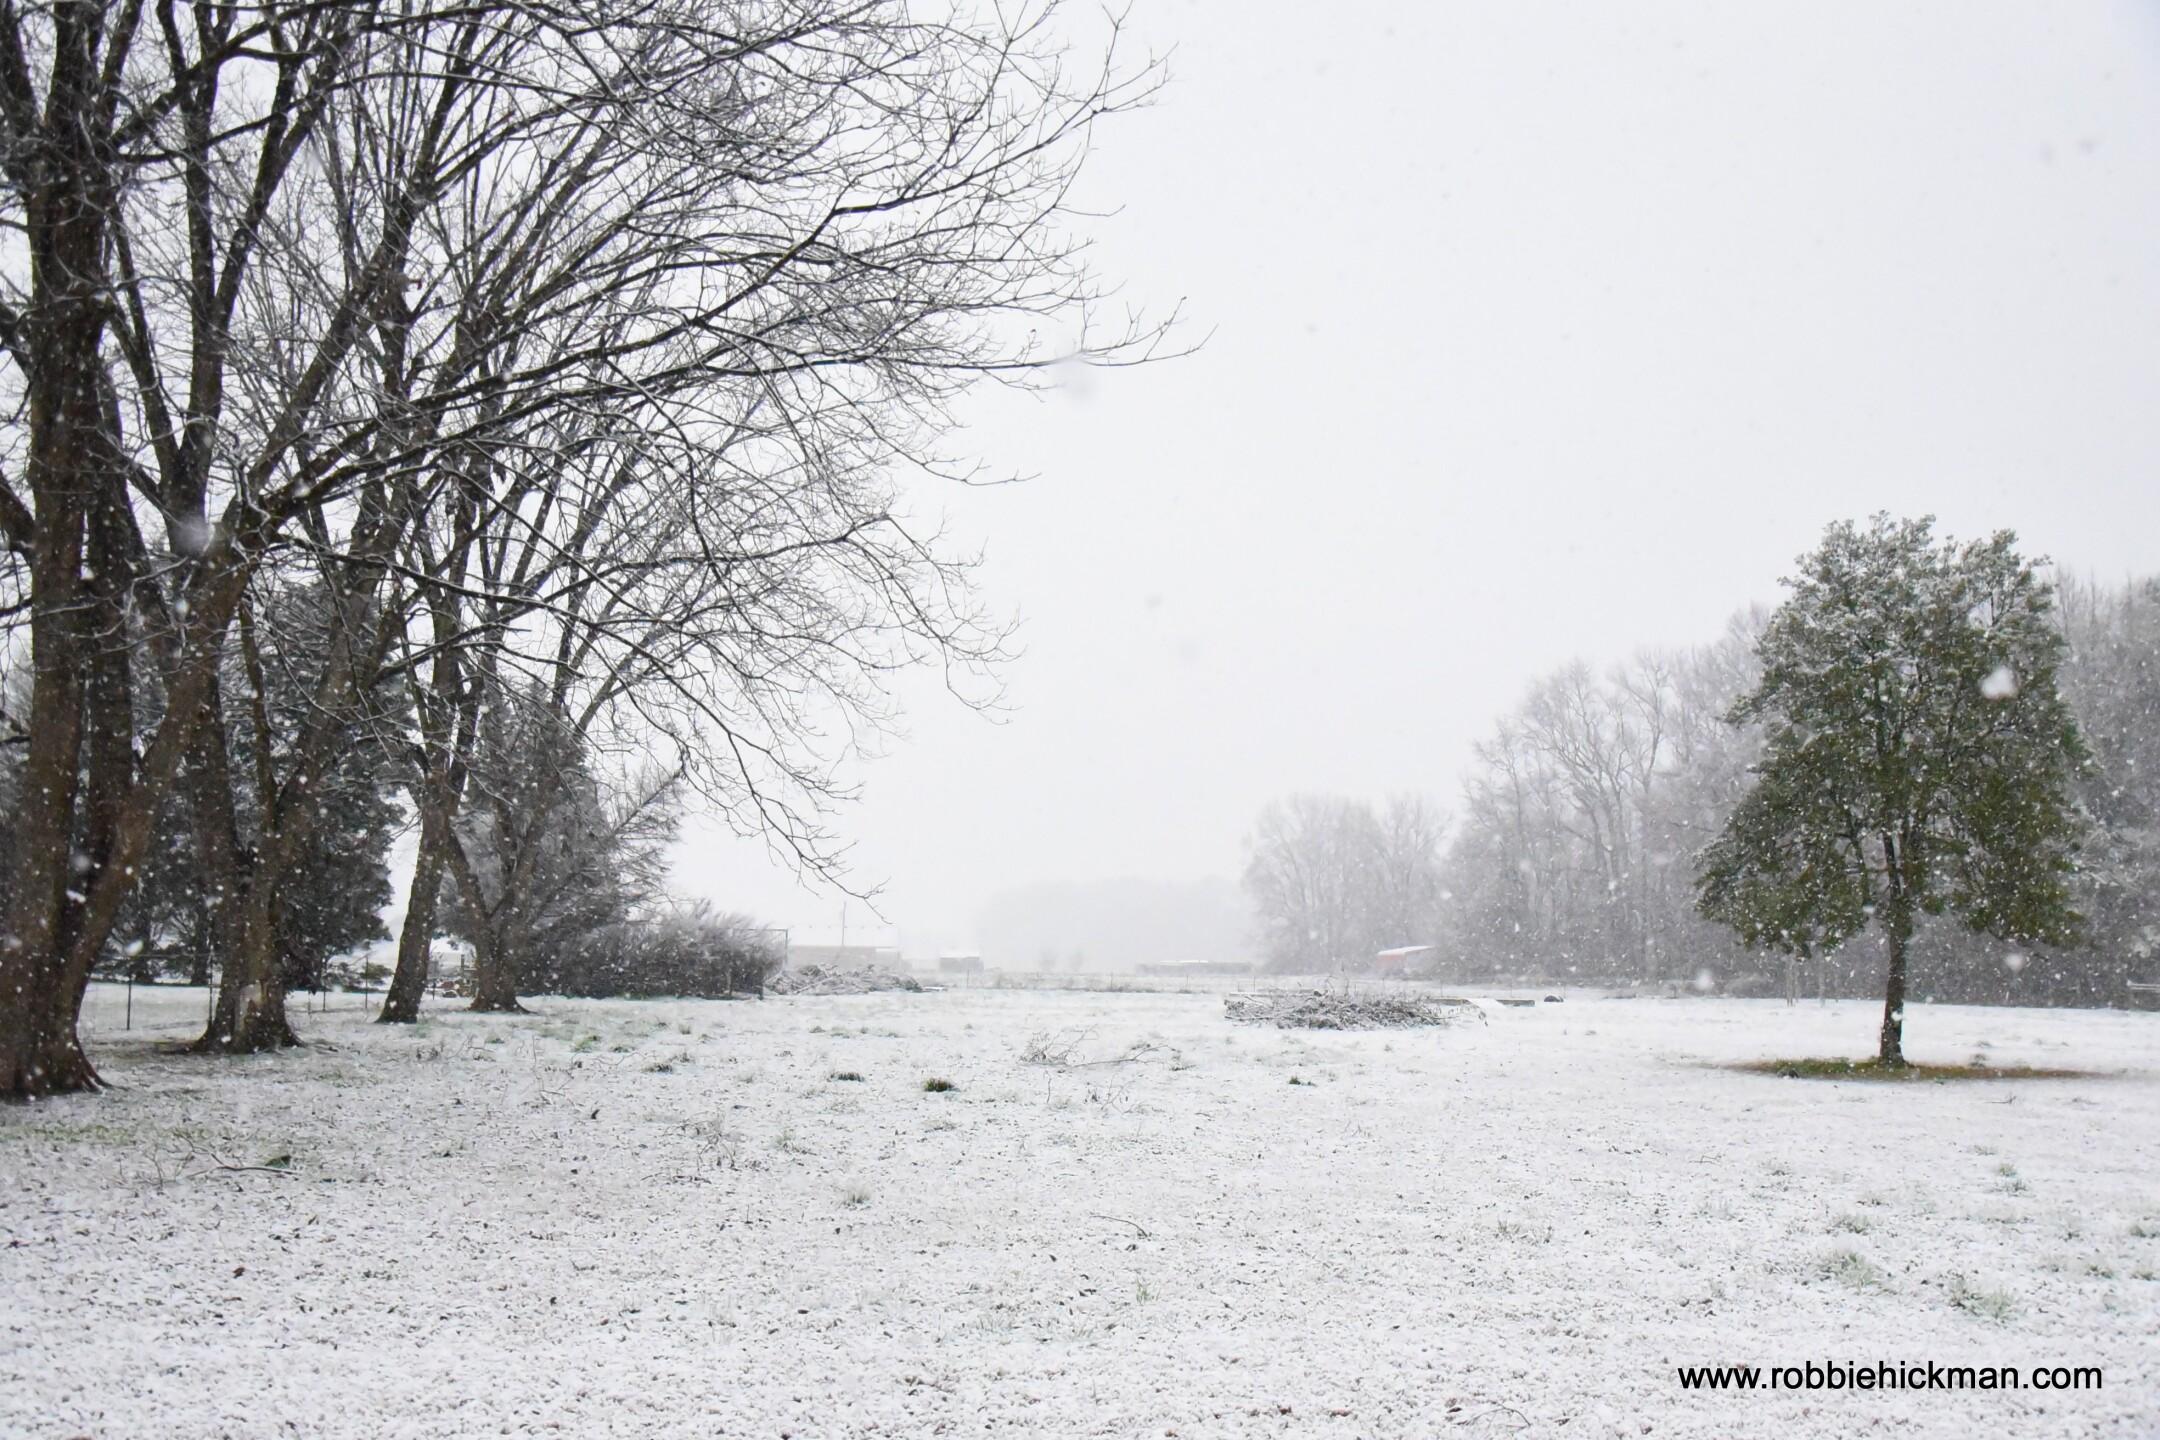 Chesapeake snow from viewer Robbie H.